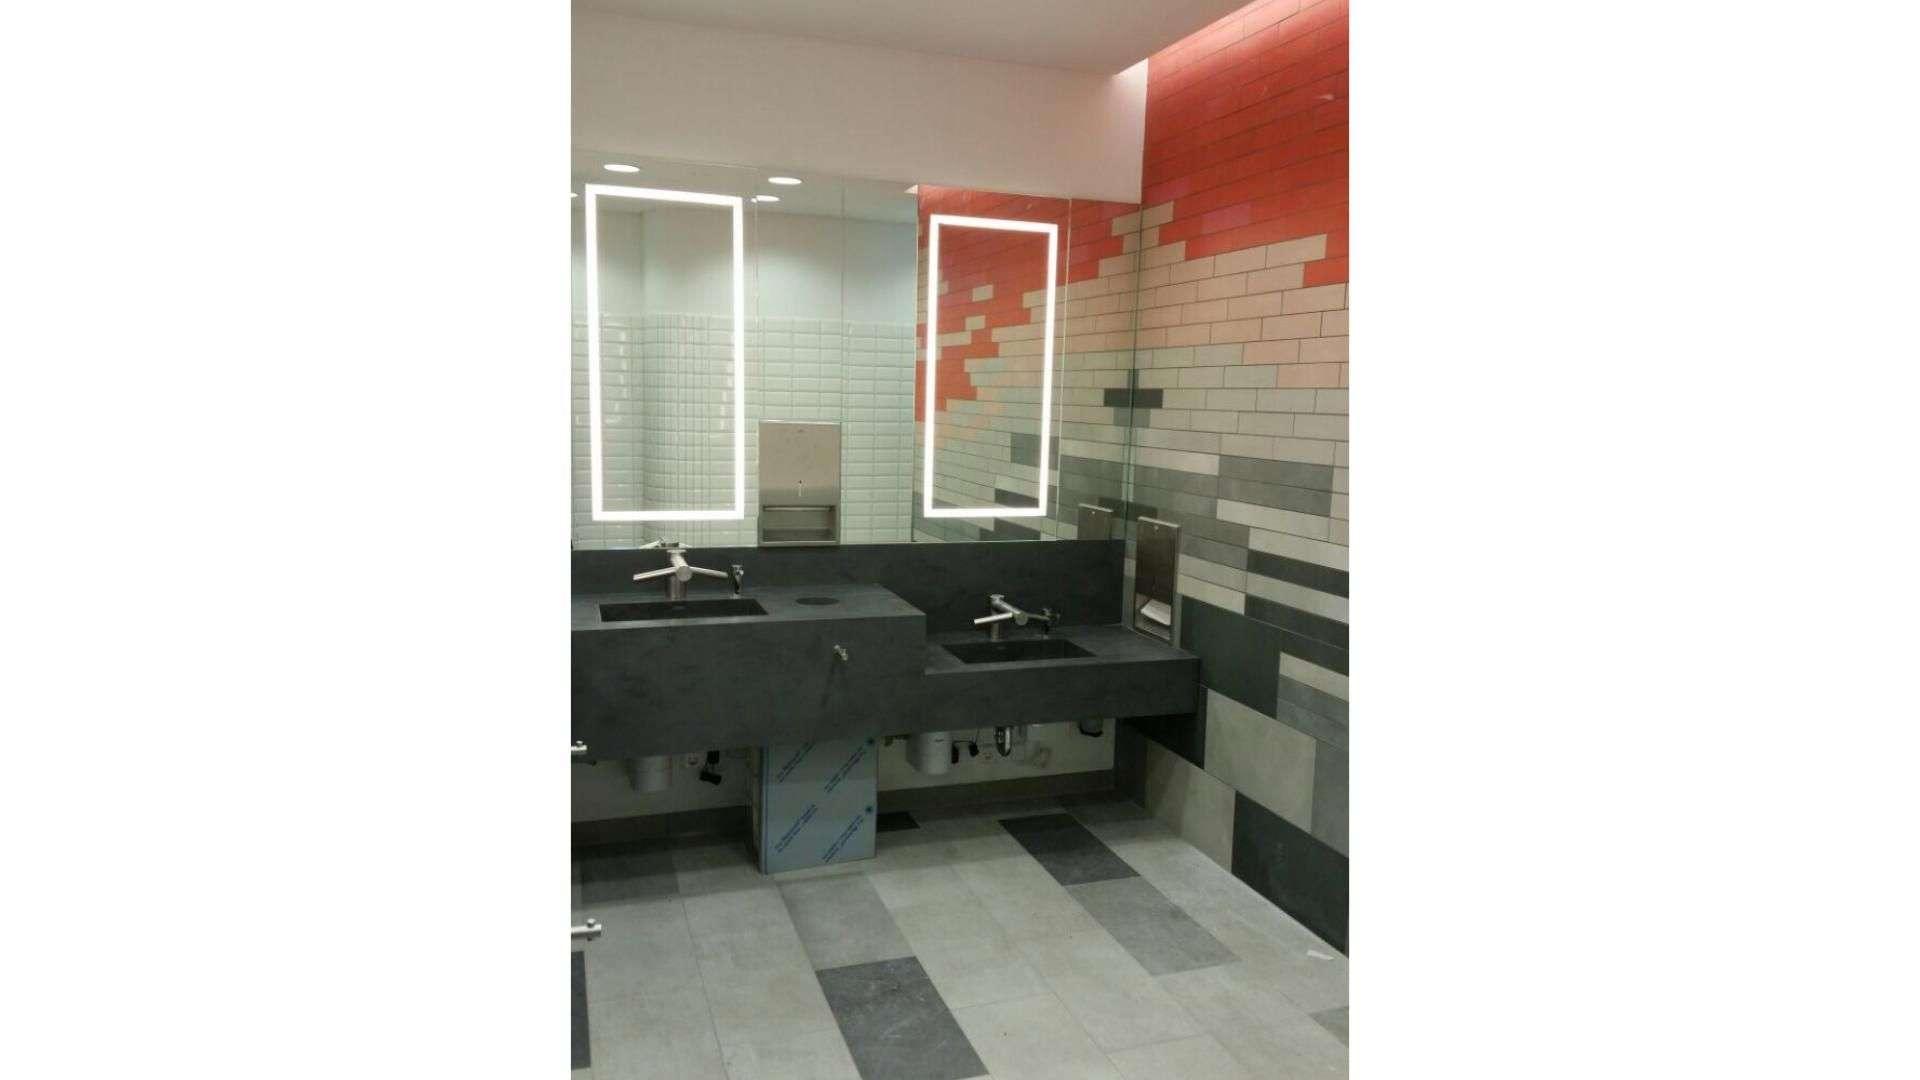 Spiegel über einem langen Waschtisch eines öffentlichen WCs im Loom in BIelefeld